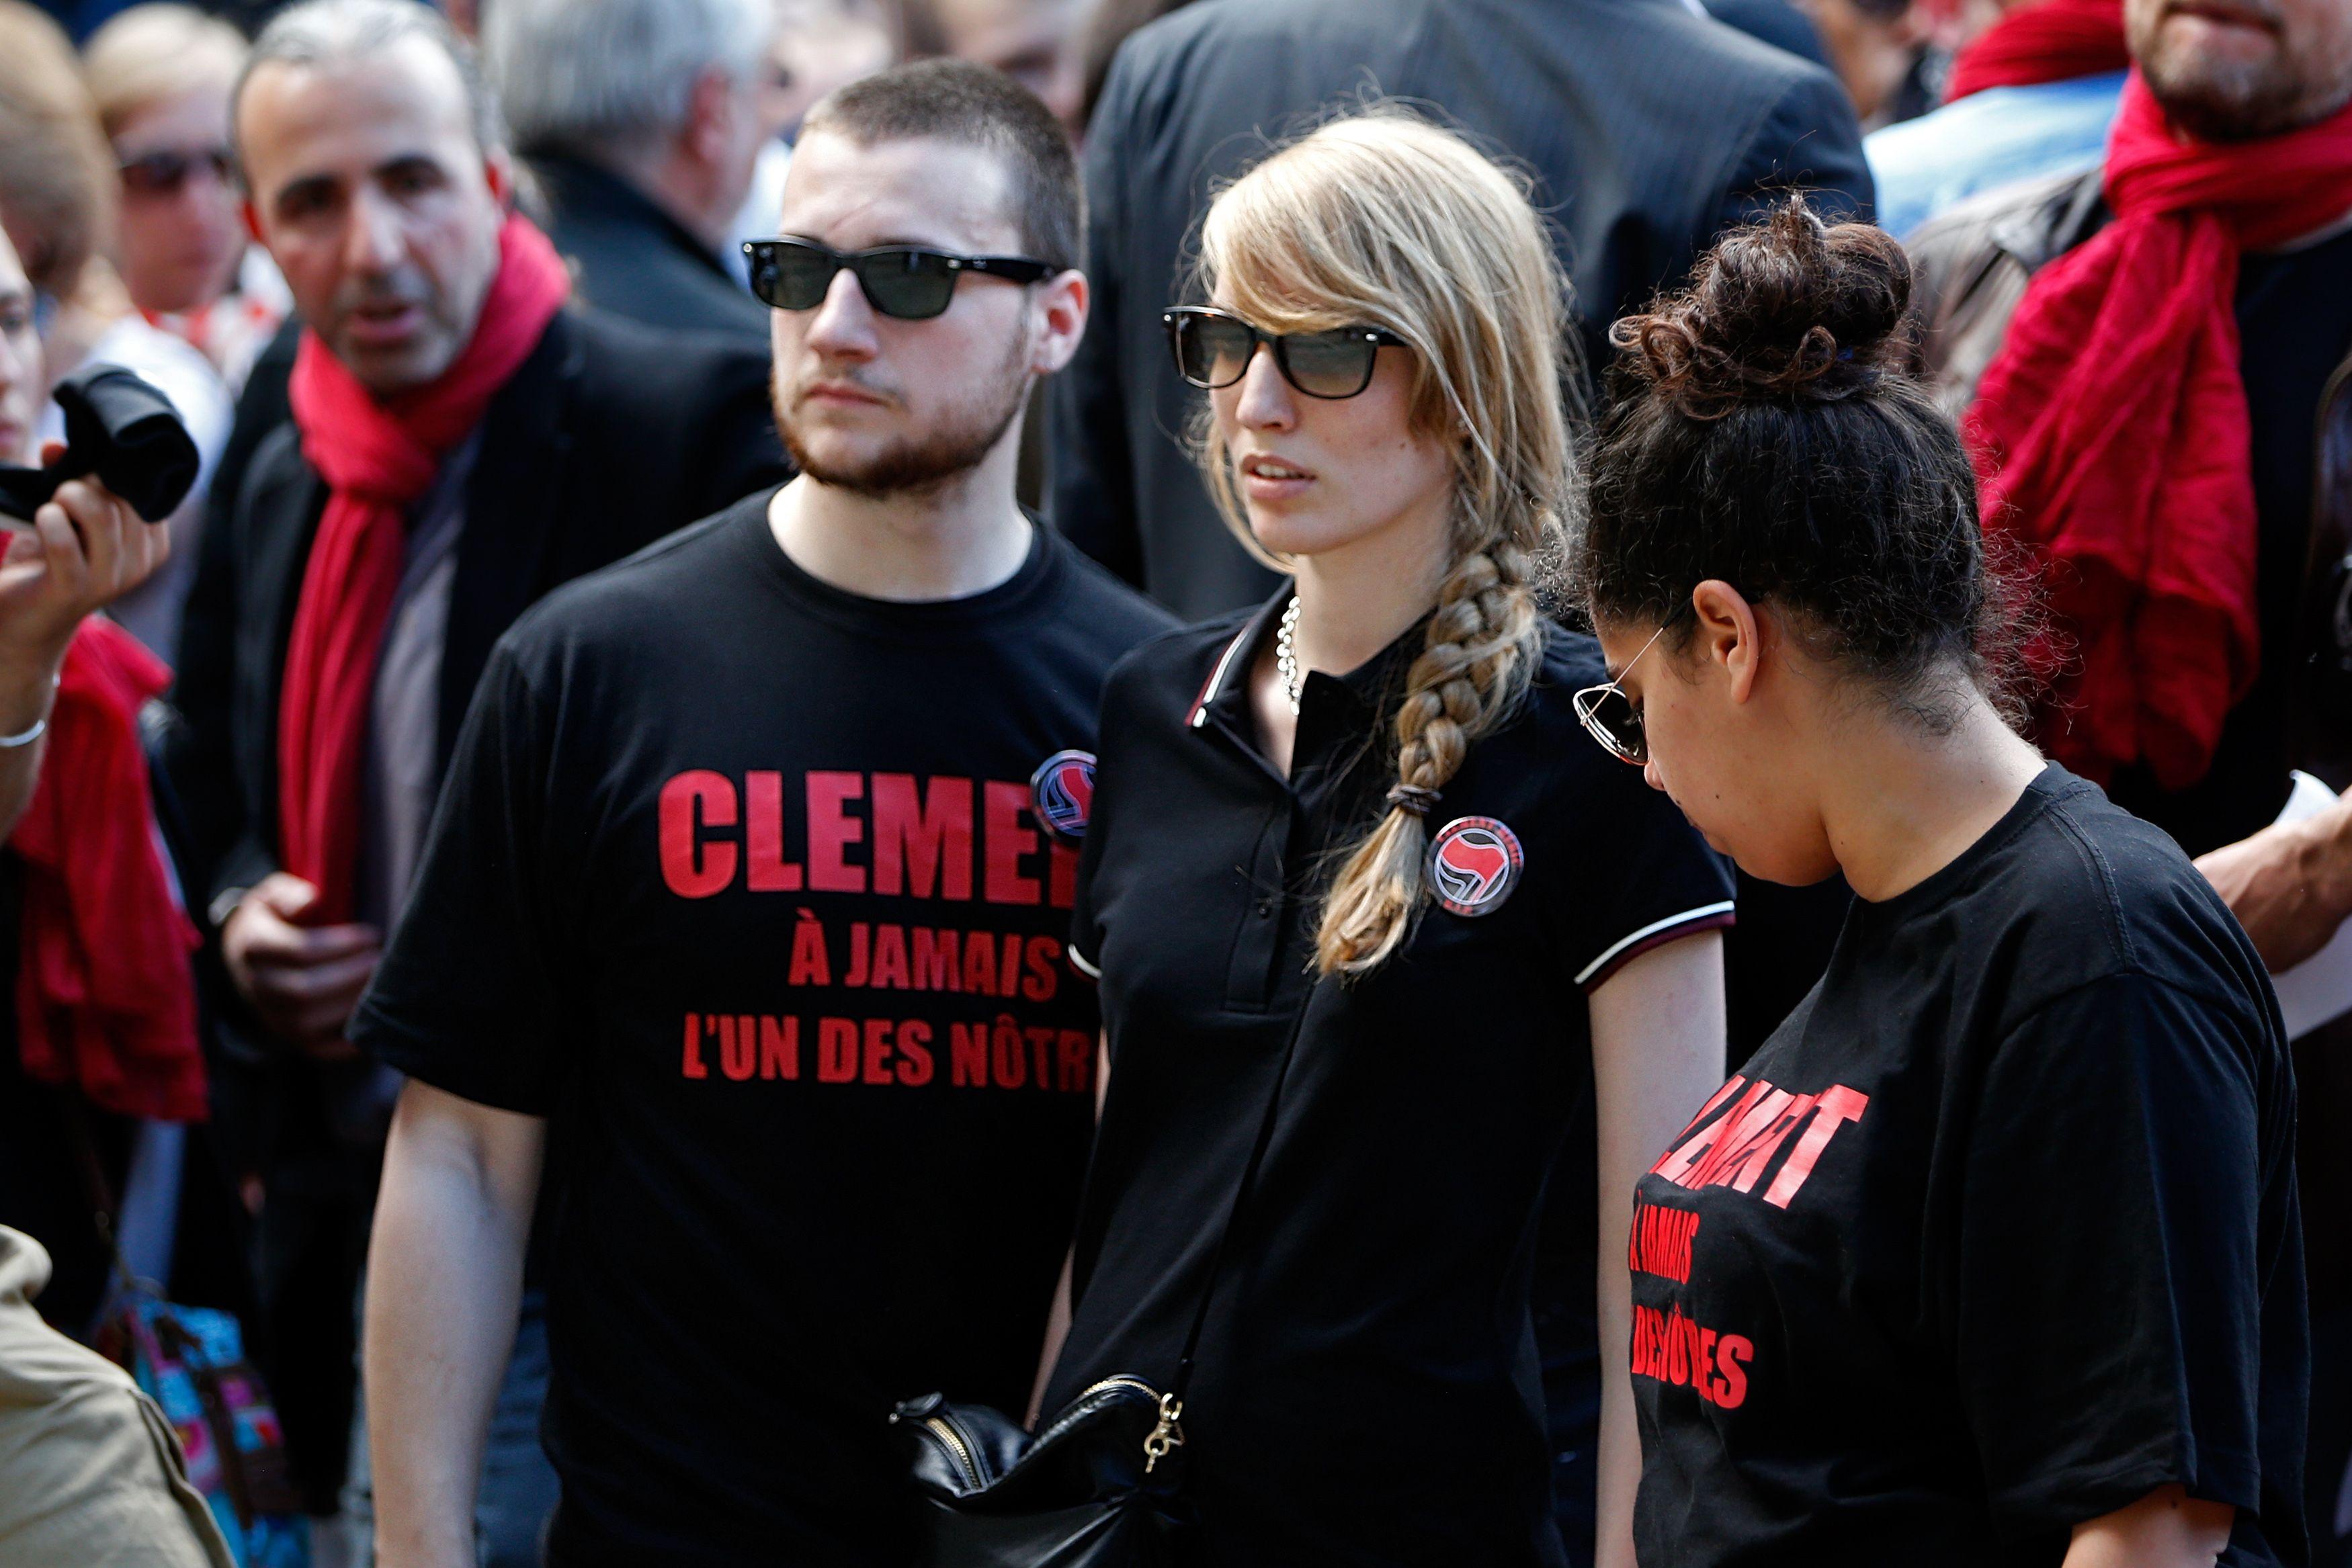 Des milliers de personnes se sont rassemblées jeudi place Saint-Michel à Paris pour rendre hommage à Clément Méric.